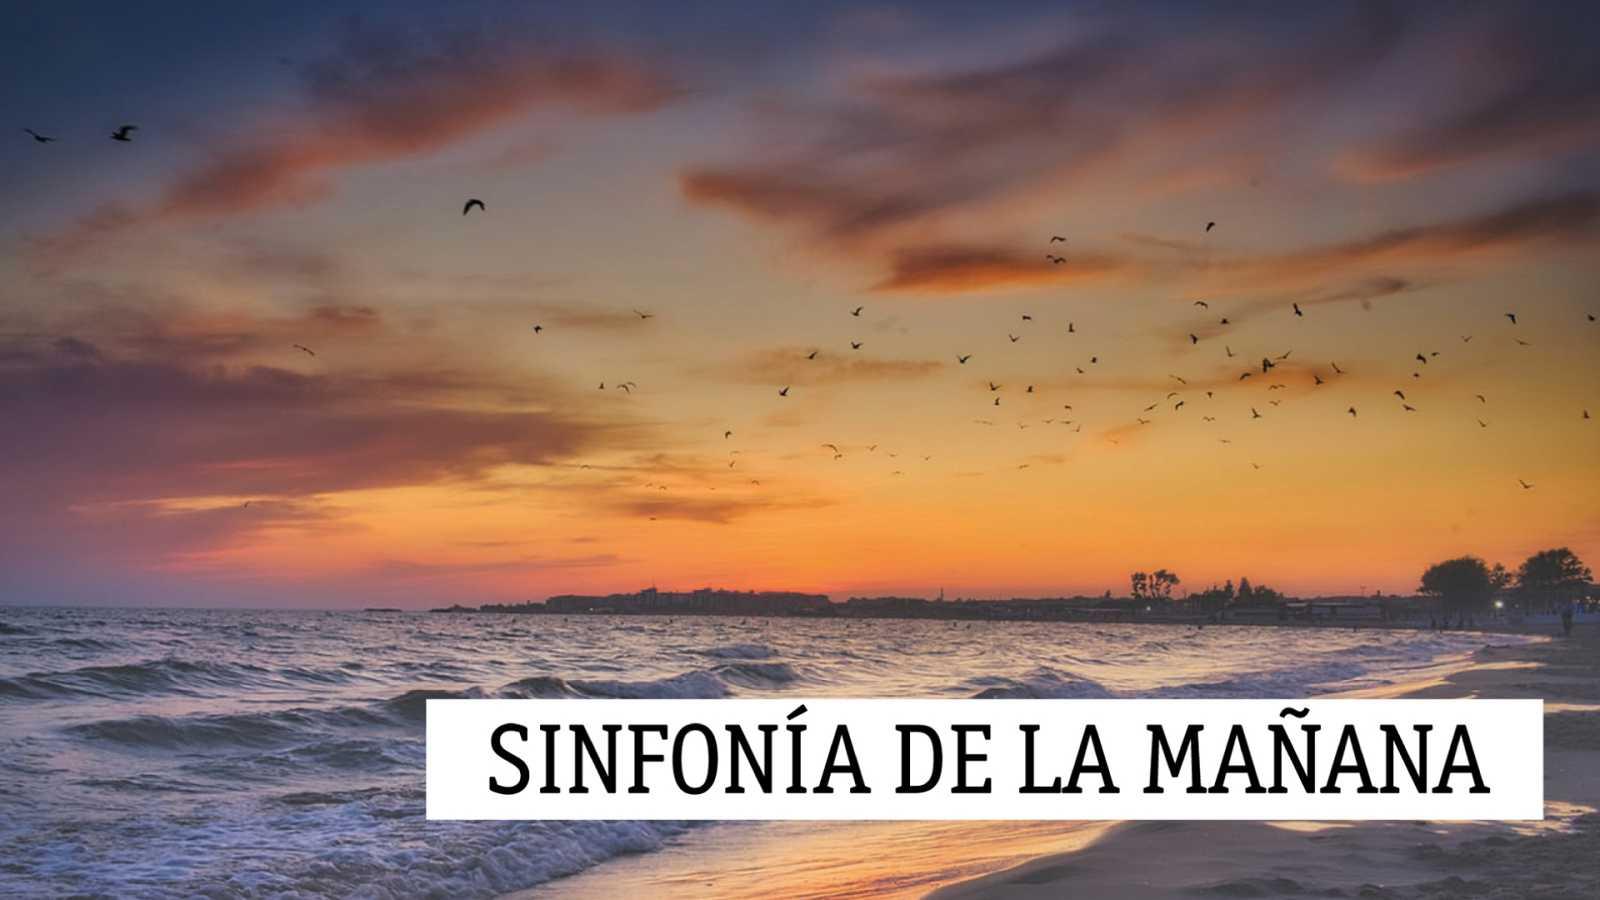 Sinfonía de la mañana - Leonor de Aquitania - 19/10/20 - escuchar ahora